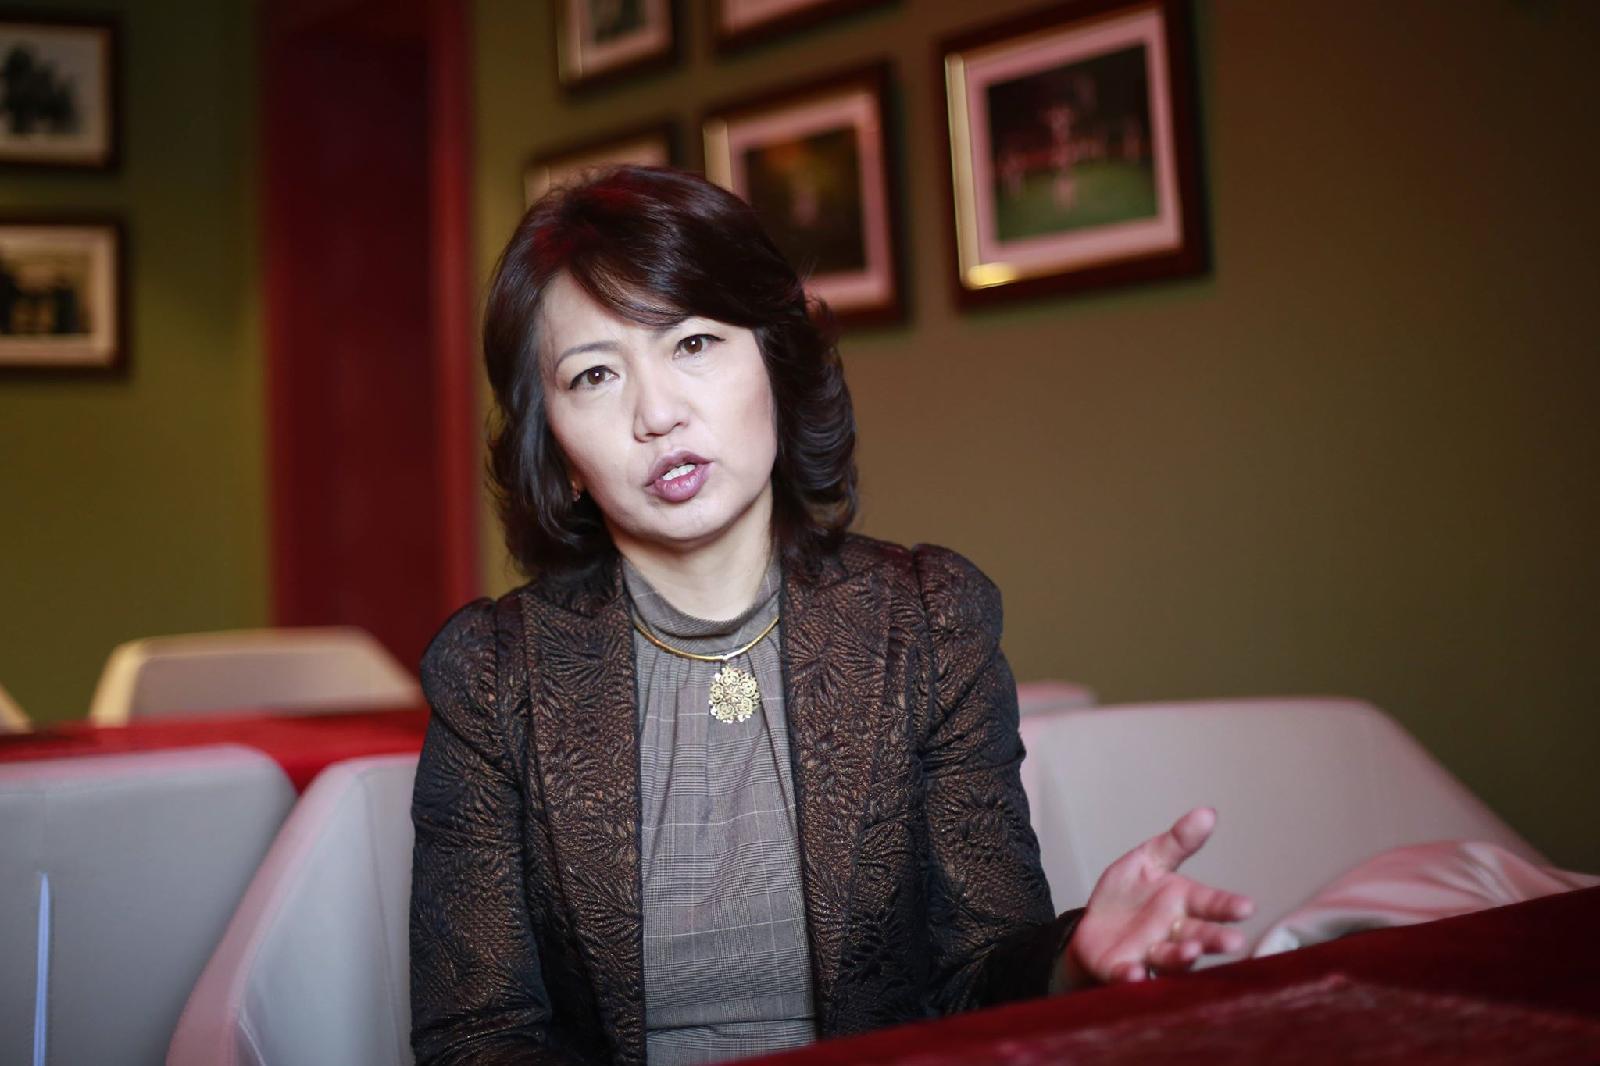 Ц.Оюундарь: Пүрэв генералын түүхээр Монголын нийгмийн шилжилтийн түүхийг харуулахыг зорьсон